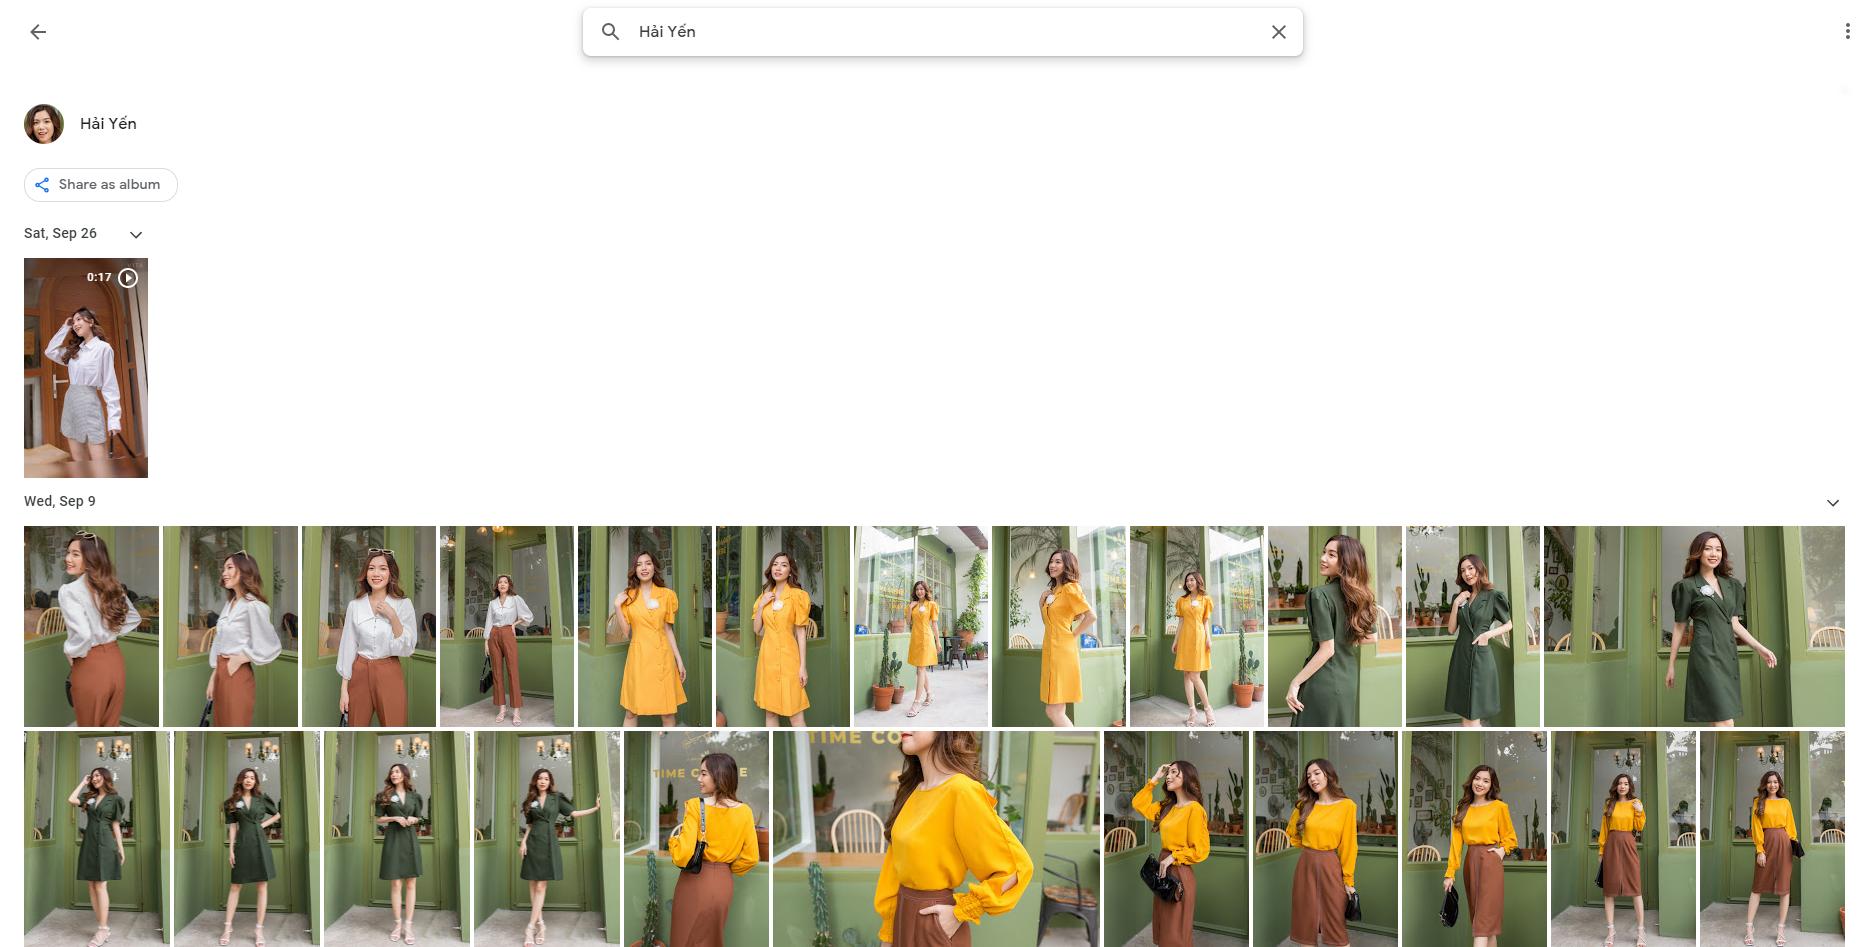 box-visual_dich-vu-luu-tru-dam-may-google-photo_search-by-face